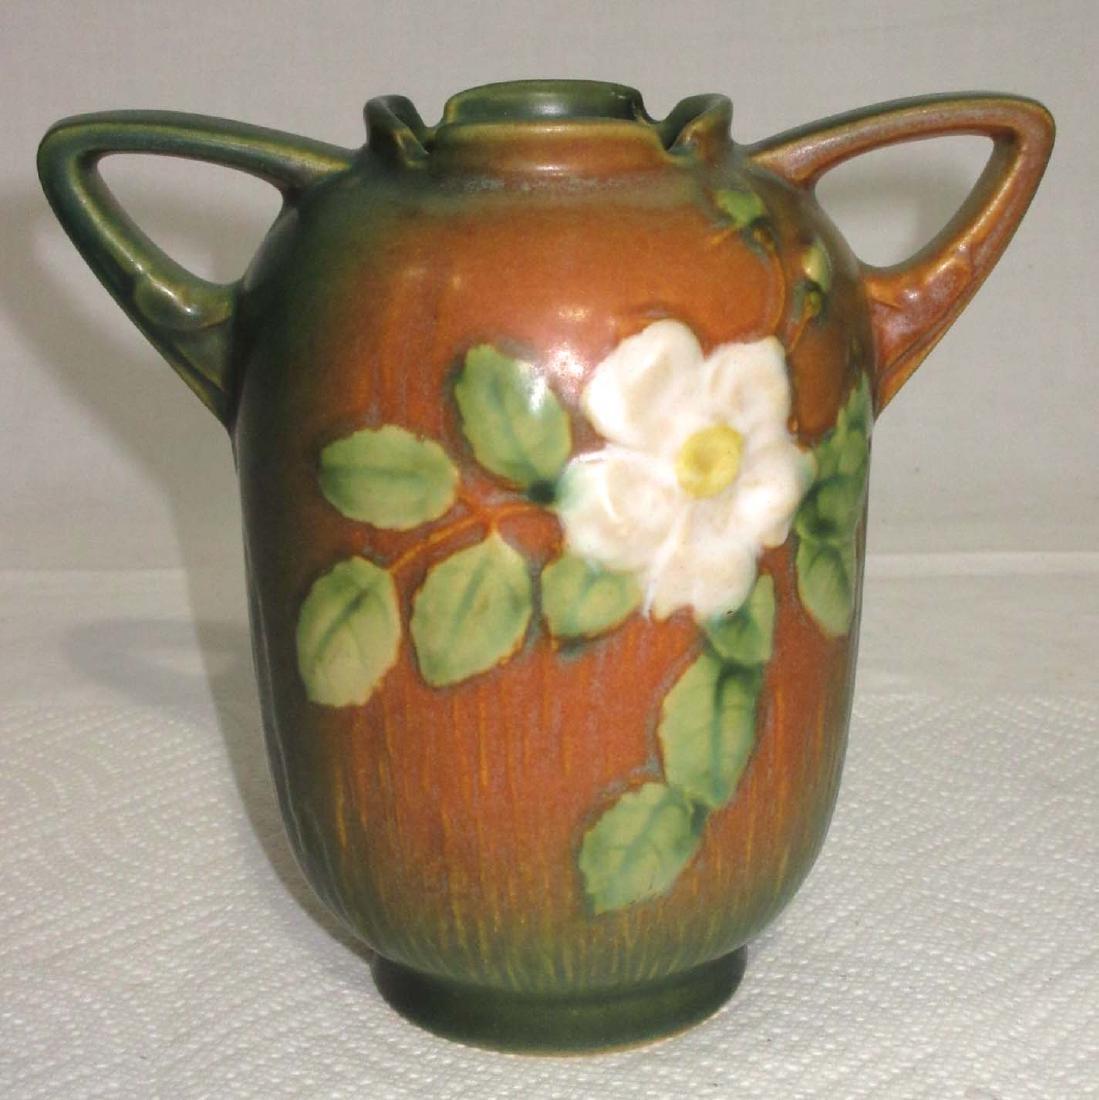 Roseville White Rose Vase 979-6 - 2